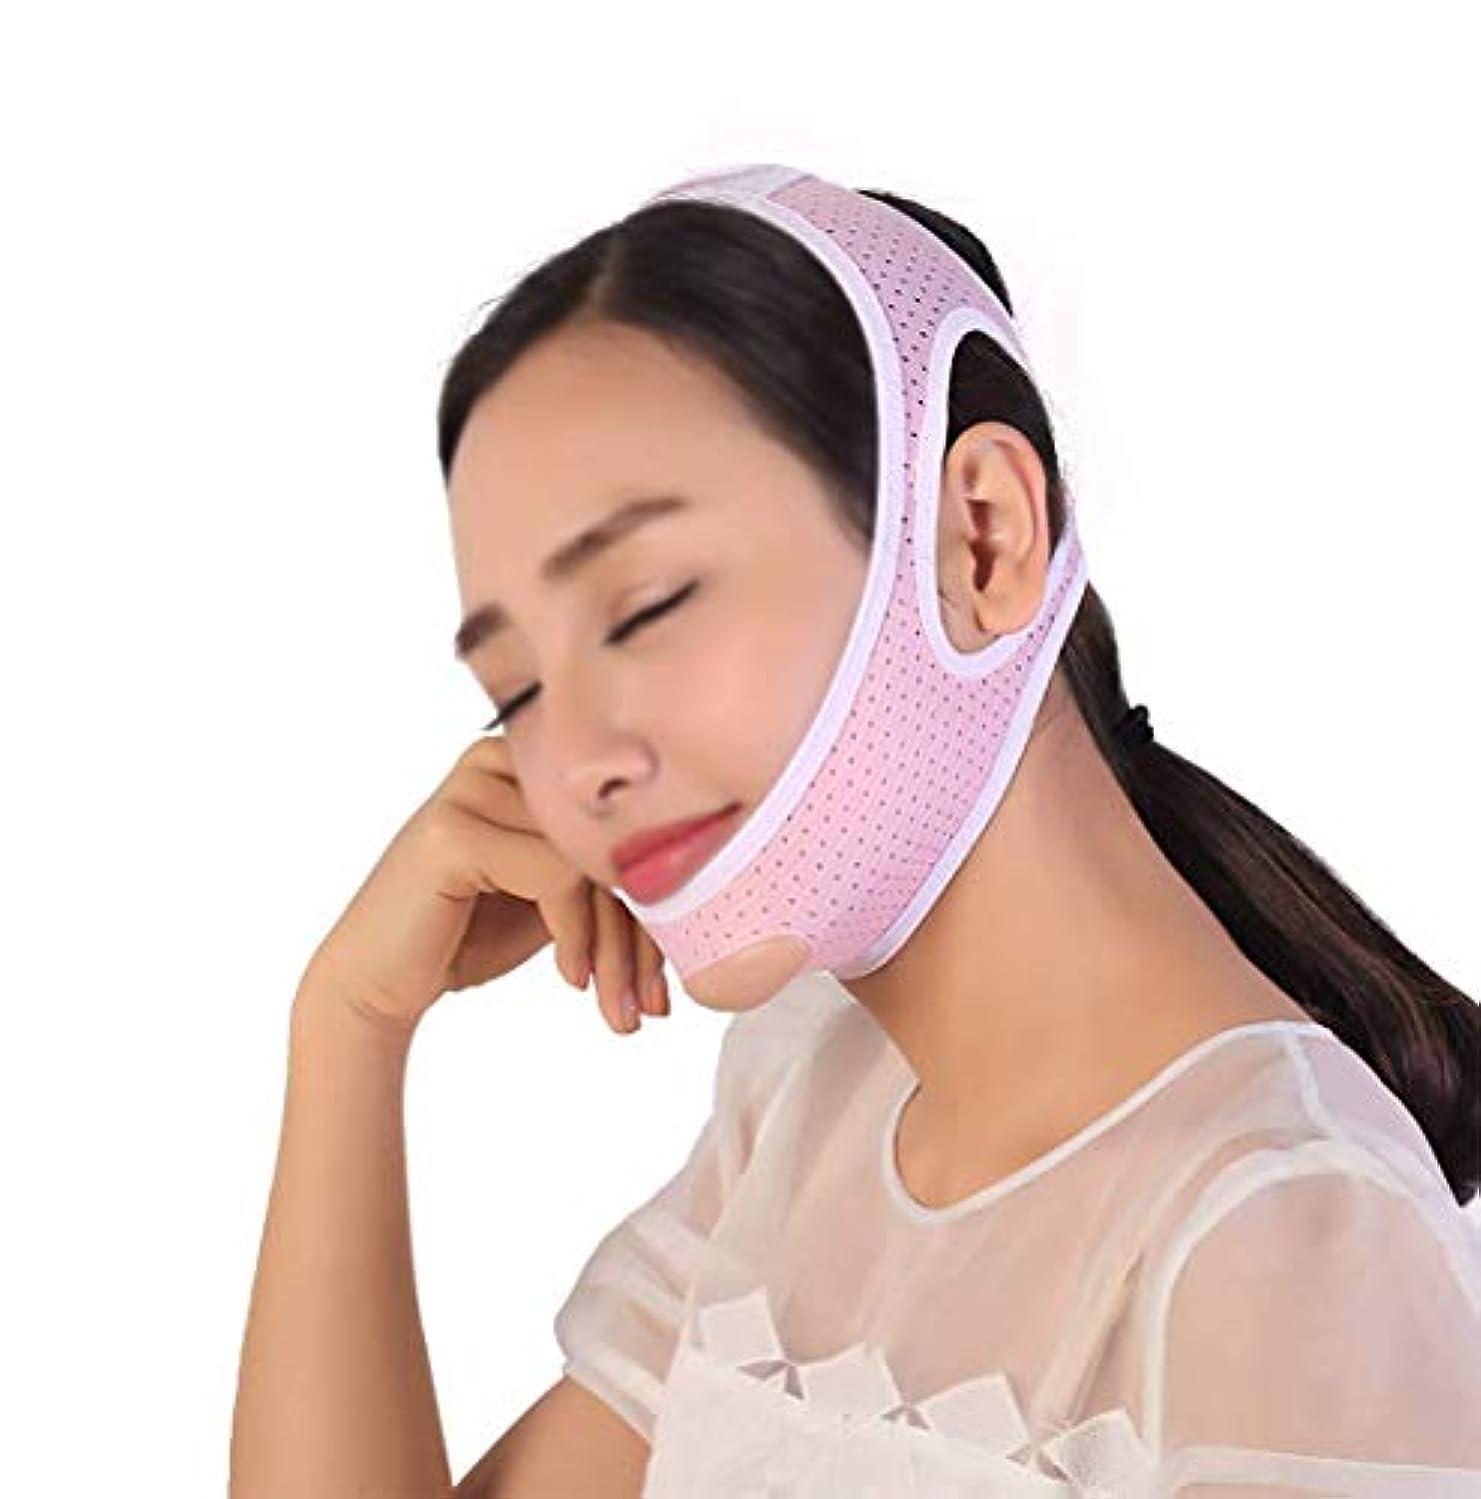 ダッシュ裁定旅フェイスリフトフェイシャル、肌のリラクゼーションを防ぐためのタイトなVフェイスマスクVフェイスアーティファクトフェイスリフトバンデージフェイスケア(サイズ:M)